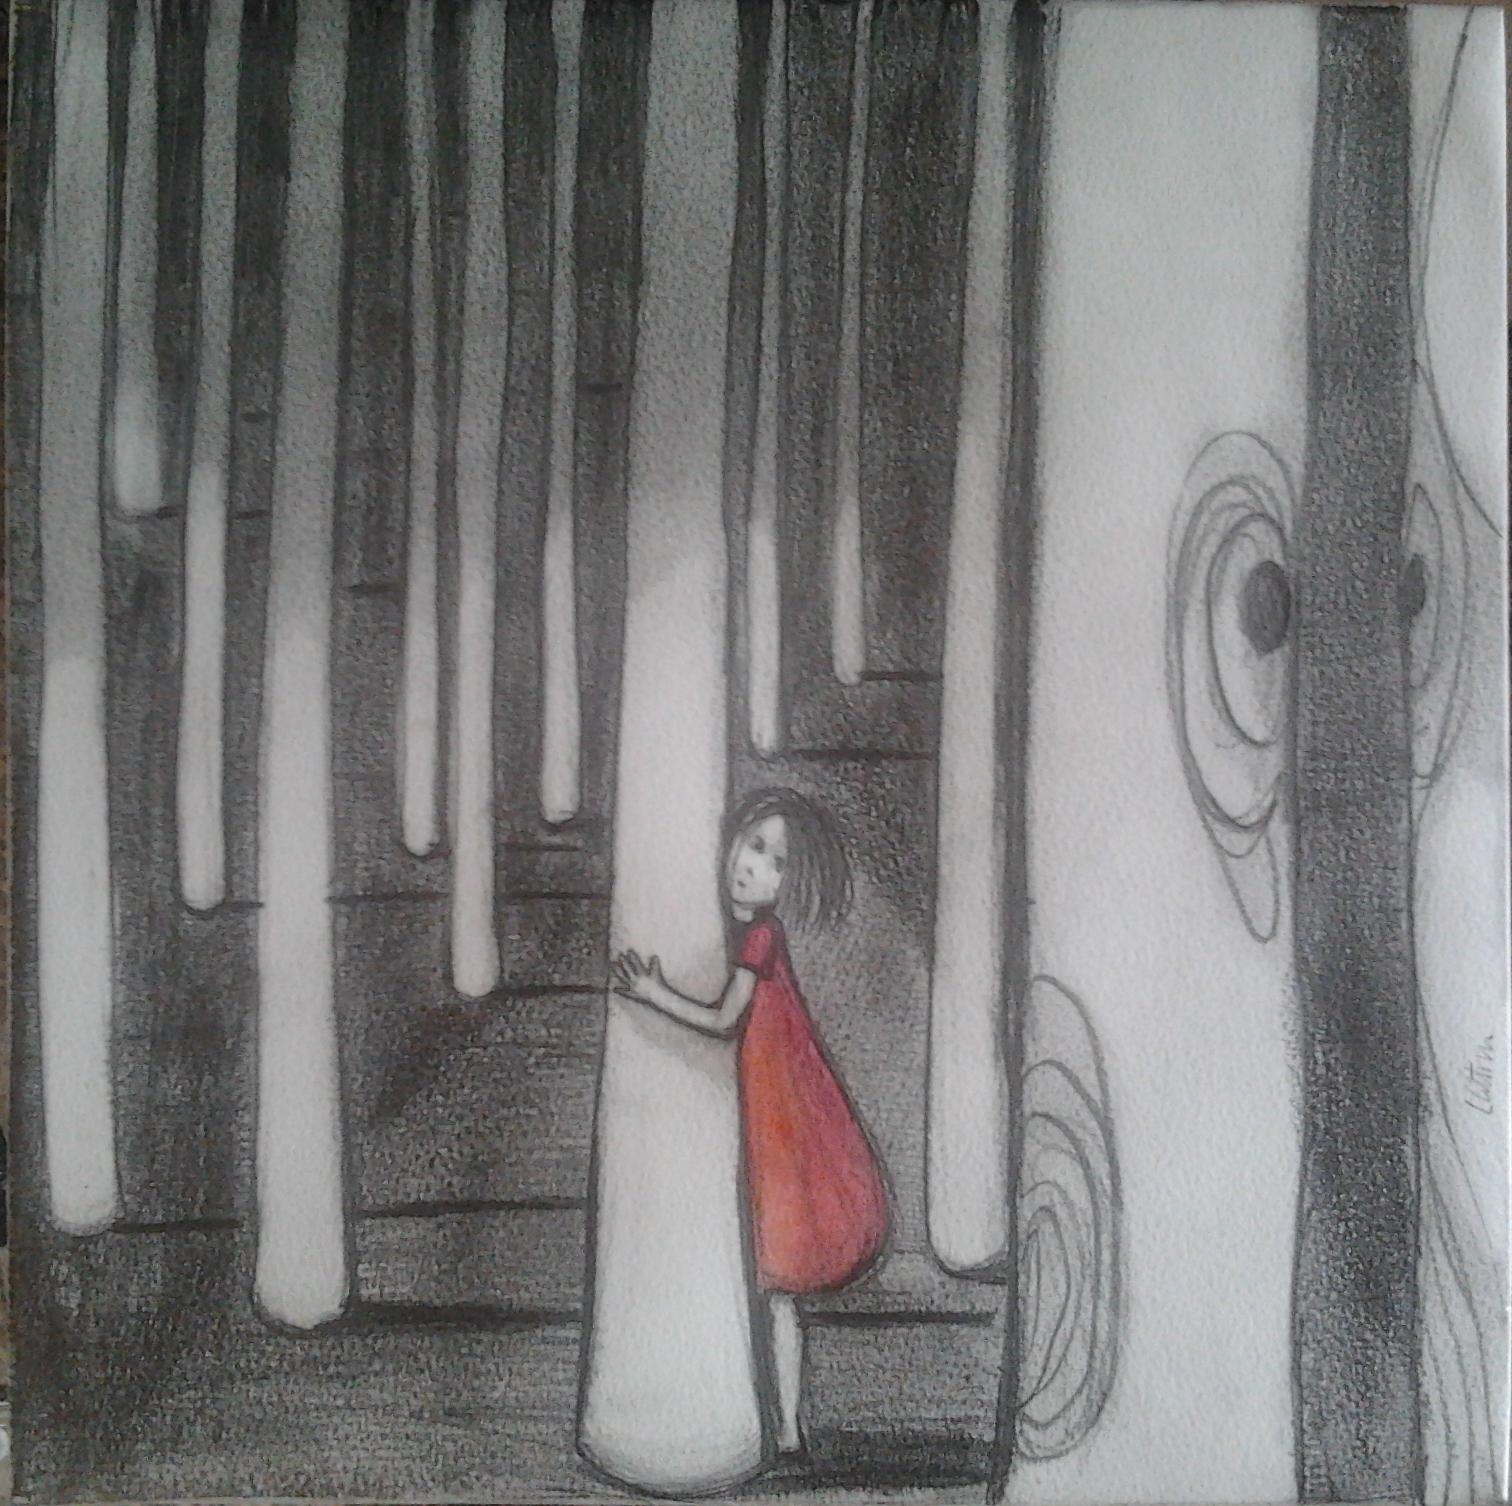 I mondi di Alice 2 - tecnica mista su carta e tela - 30x30cm - 2013